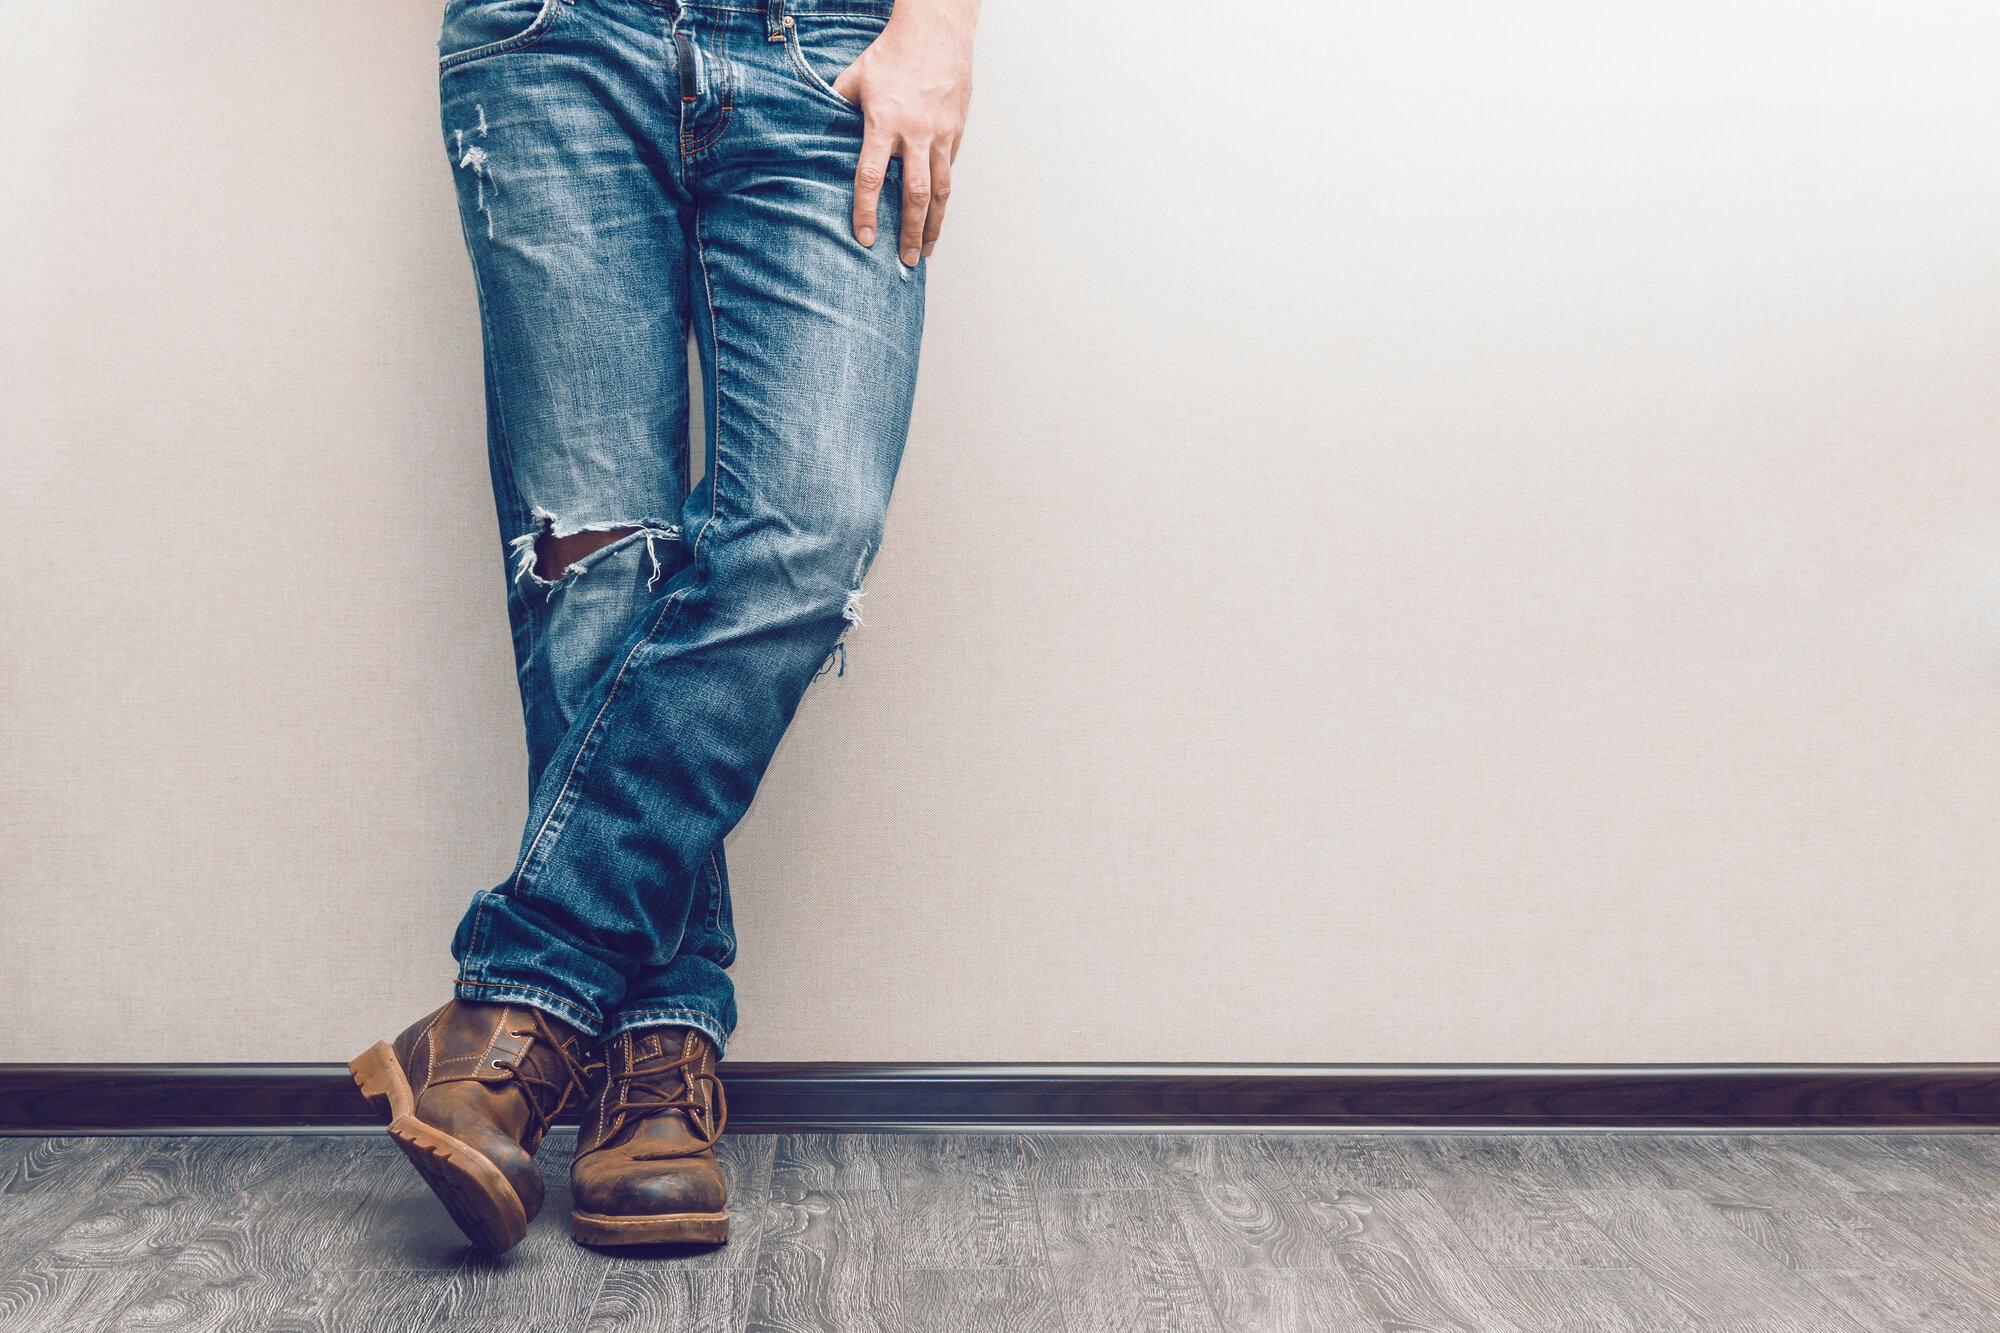 382e54a62e Moda para homens  esclarecemos 6 mitos para vocêModa para homens  como se  vestir no trabalho Moda masculina  tendência ou tabu